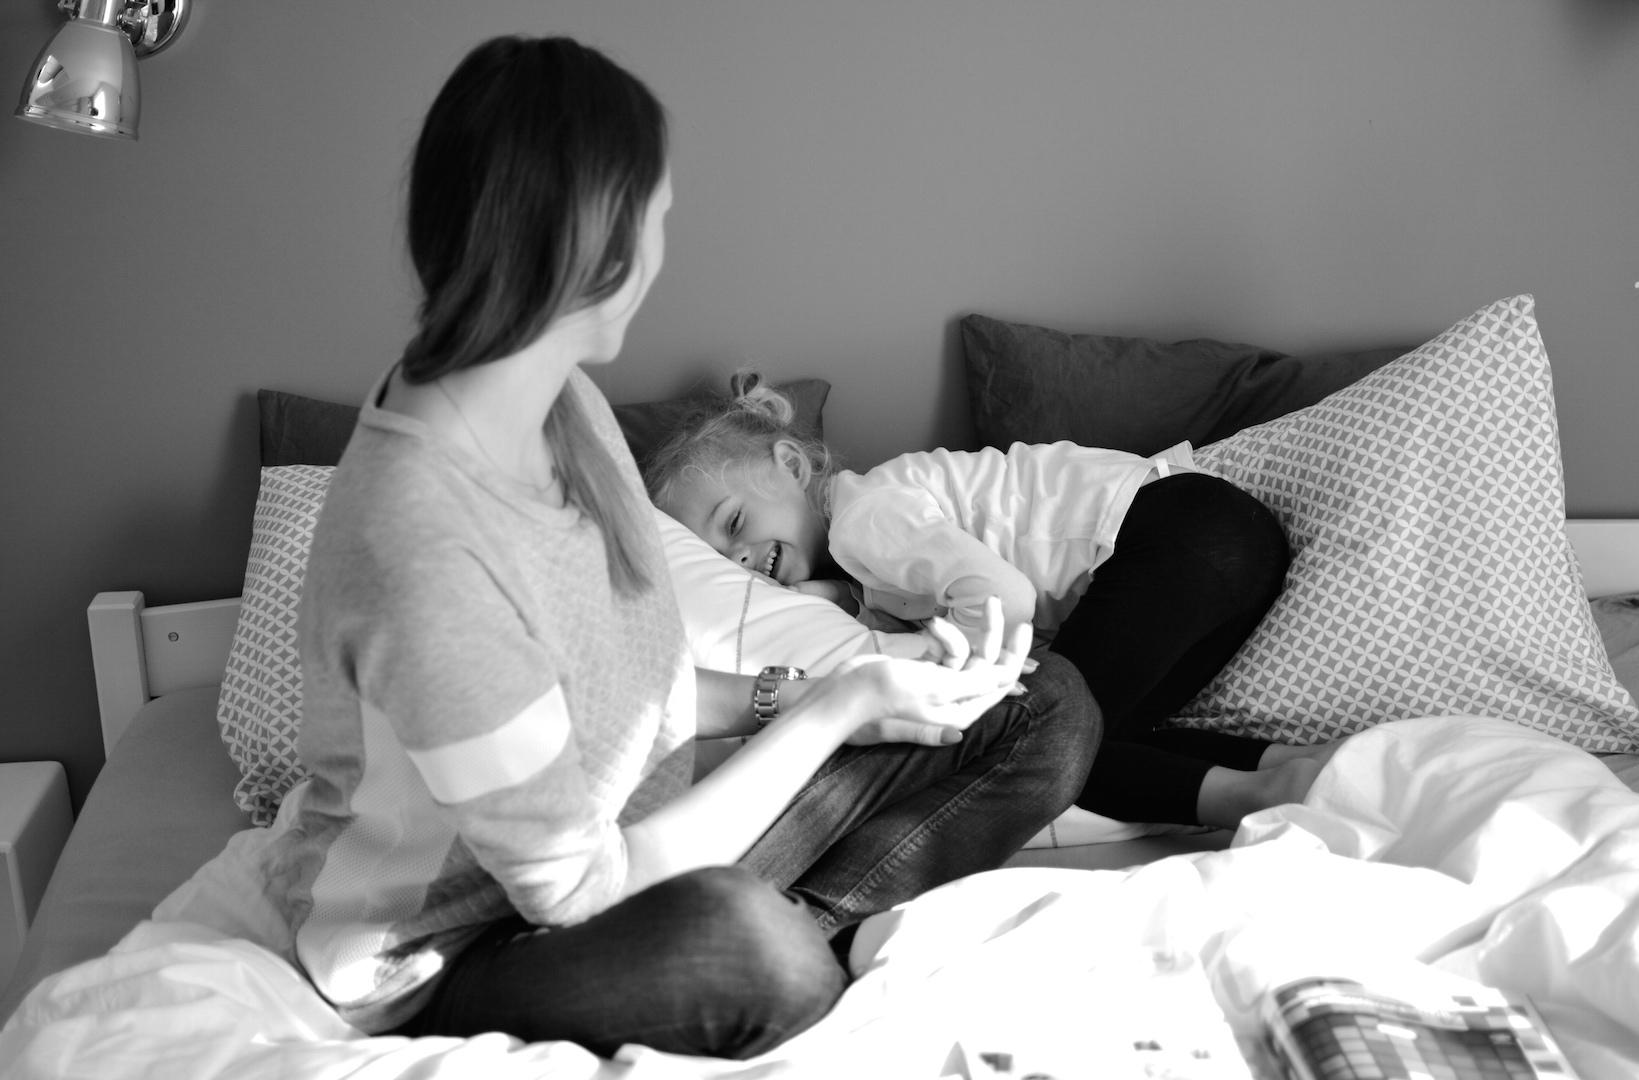 mama córka, mama i córka w domu, zabawa w domu, miłość, macierzyństwo, wspólny czas, razem